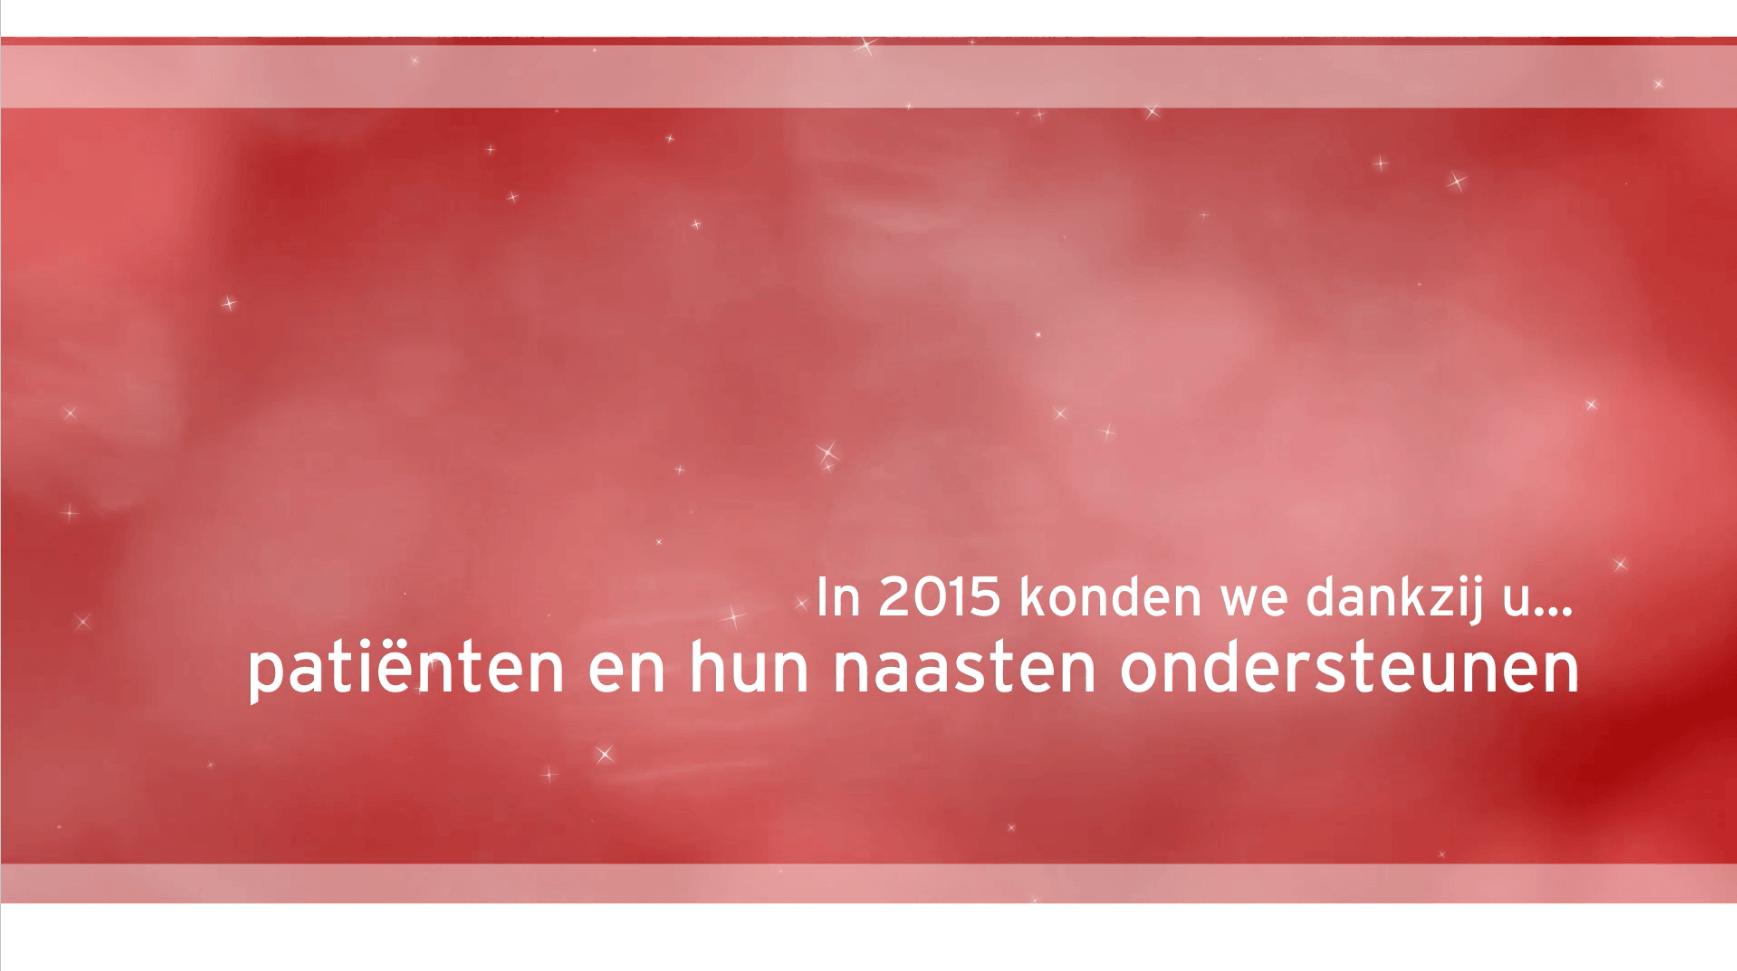 eindejaarsvideo 2015 stichting tegen kanker